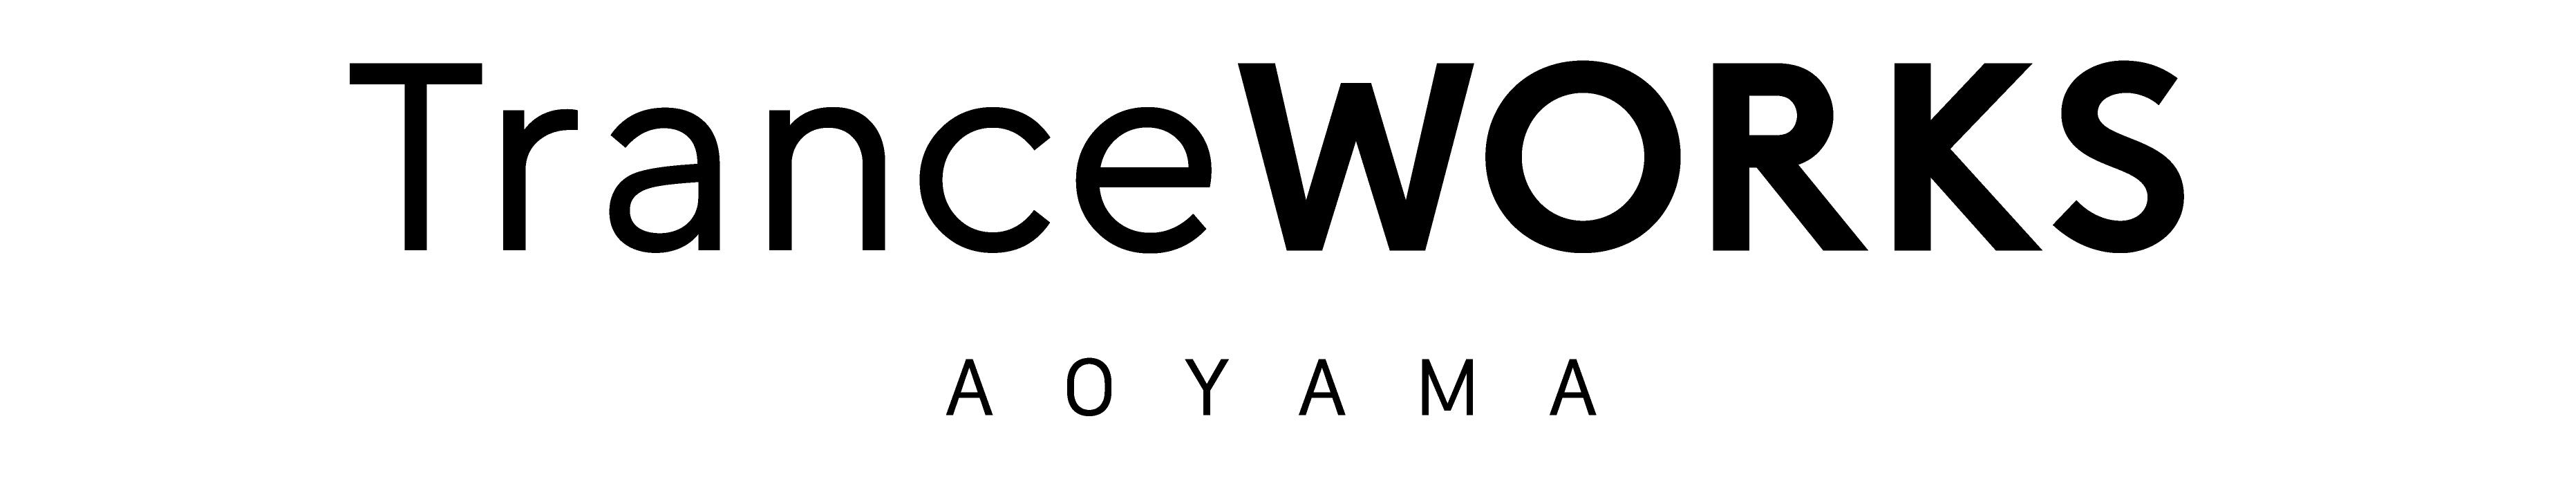 渋谷区のレンタル/コワーキングスペース TranceWORKS青山